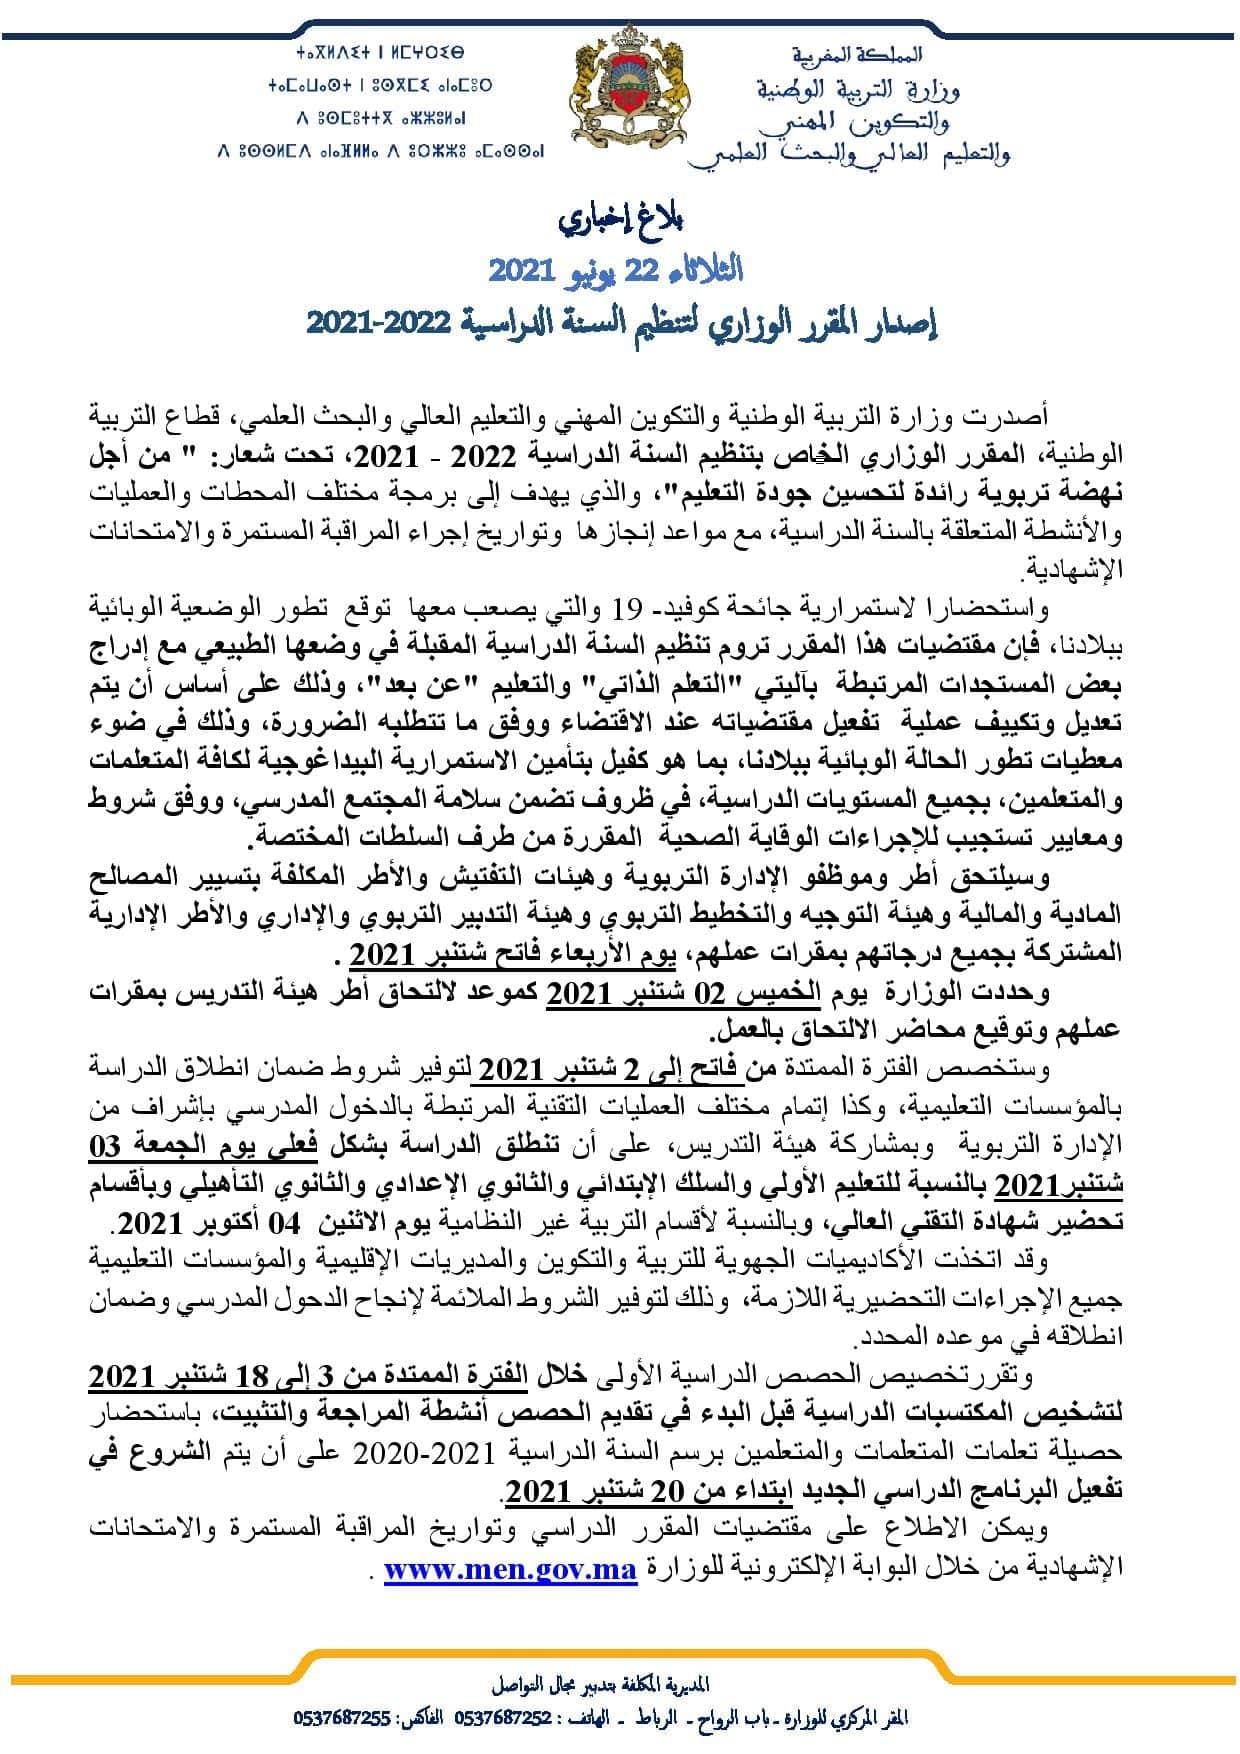 بلاغ إصدار مقرر تنظيم السنة الدراسية 2022/2021